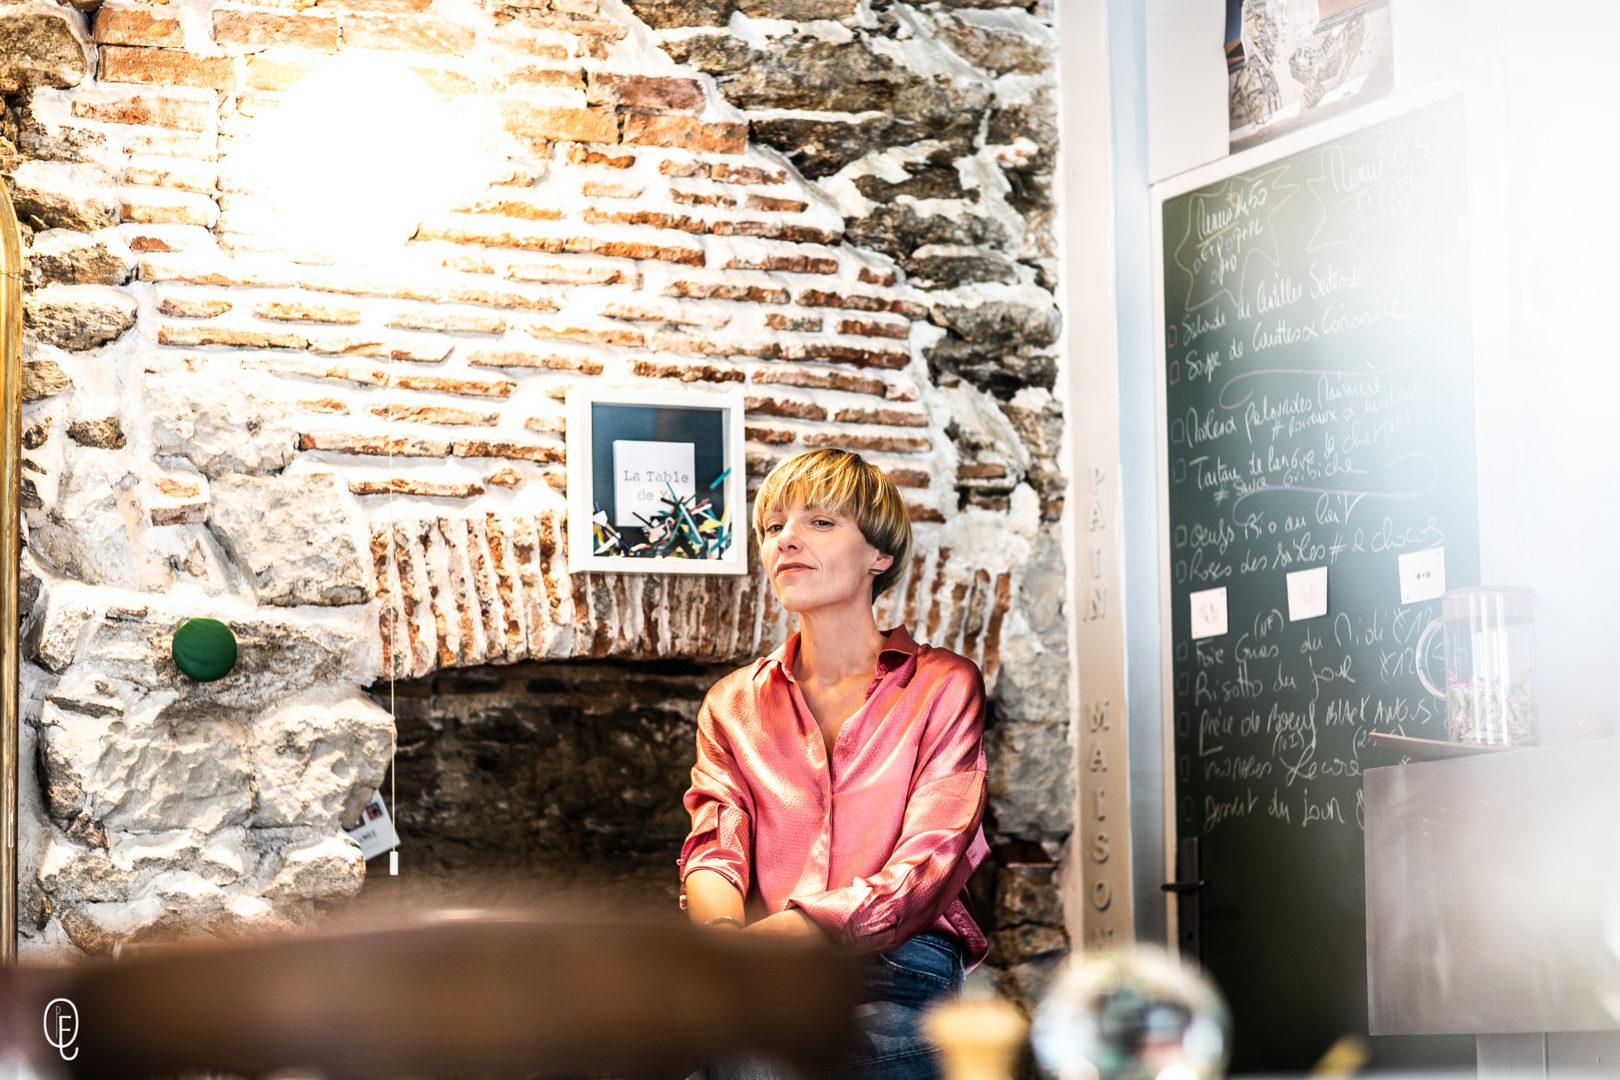 Photographe Nantes, portrait, Portrait Professionnel, Portrait Pro, Portrait d'entreprise.